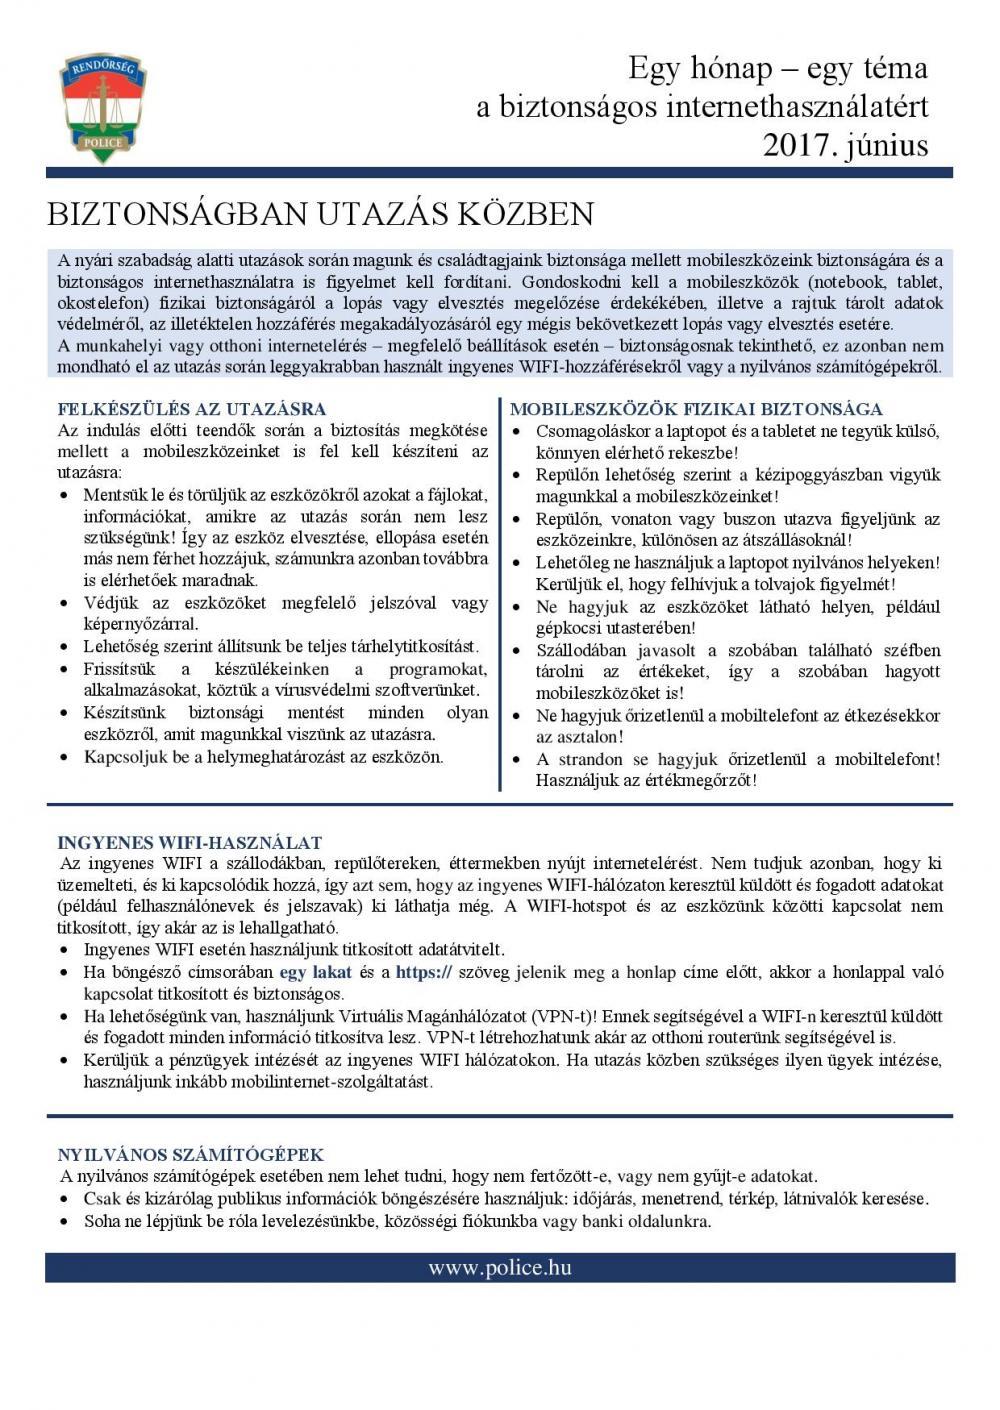 A biztonságos internethasználatért - a Bács-Kiskun Megyei Rendőr-főkapitányság Bűnügyi Igazgatóság Bűnmegelőzési Osztályának tájékoztatója